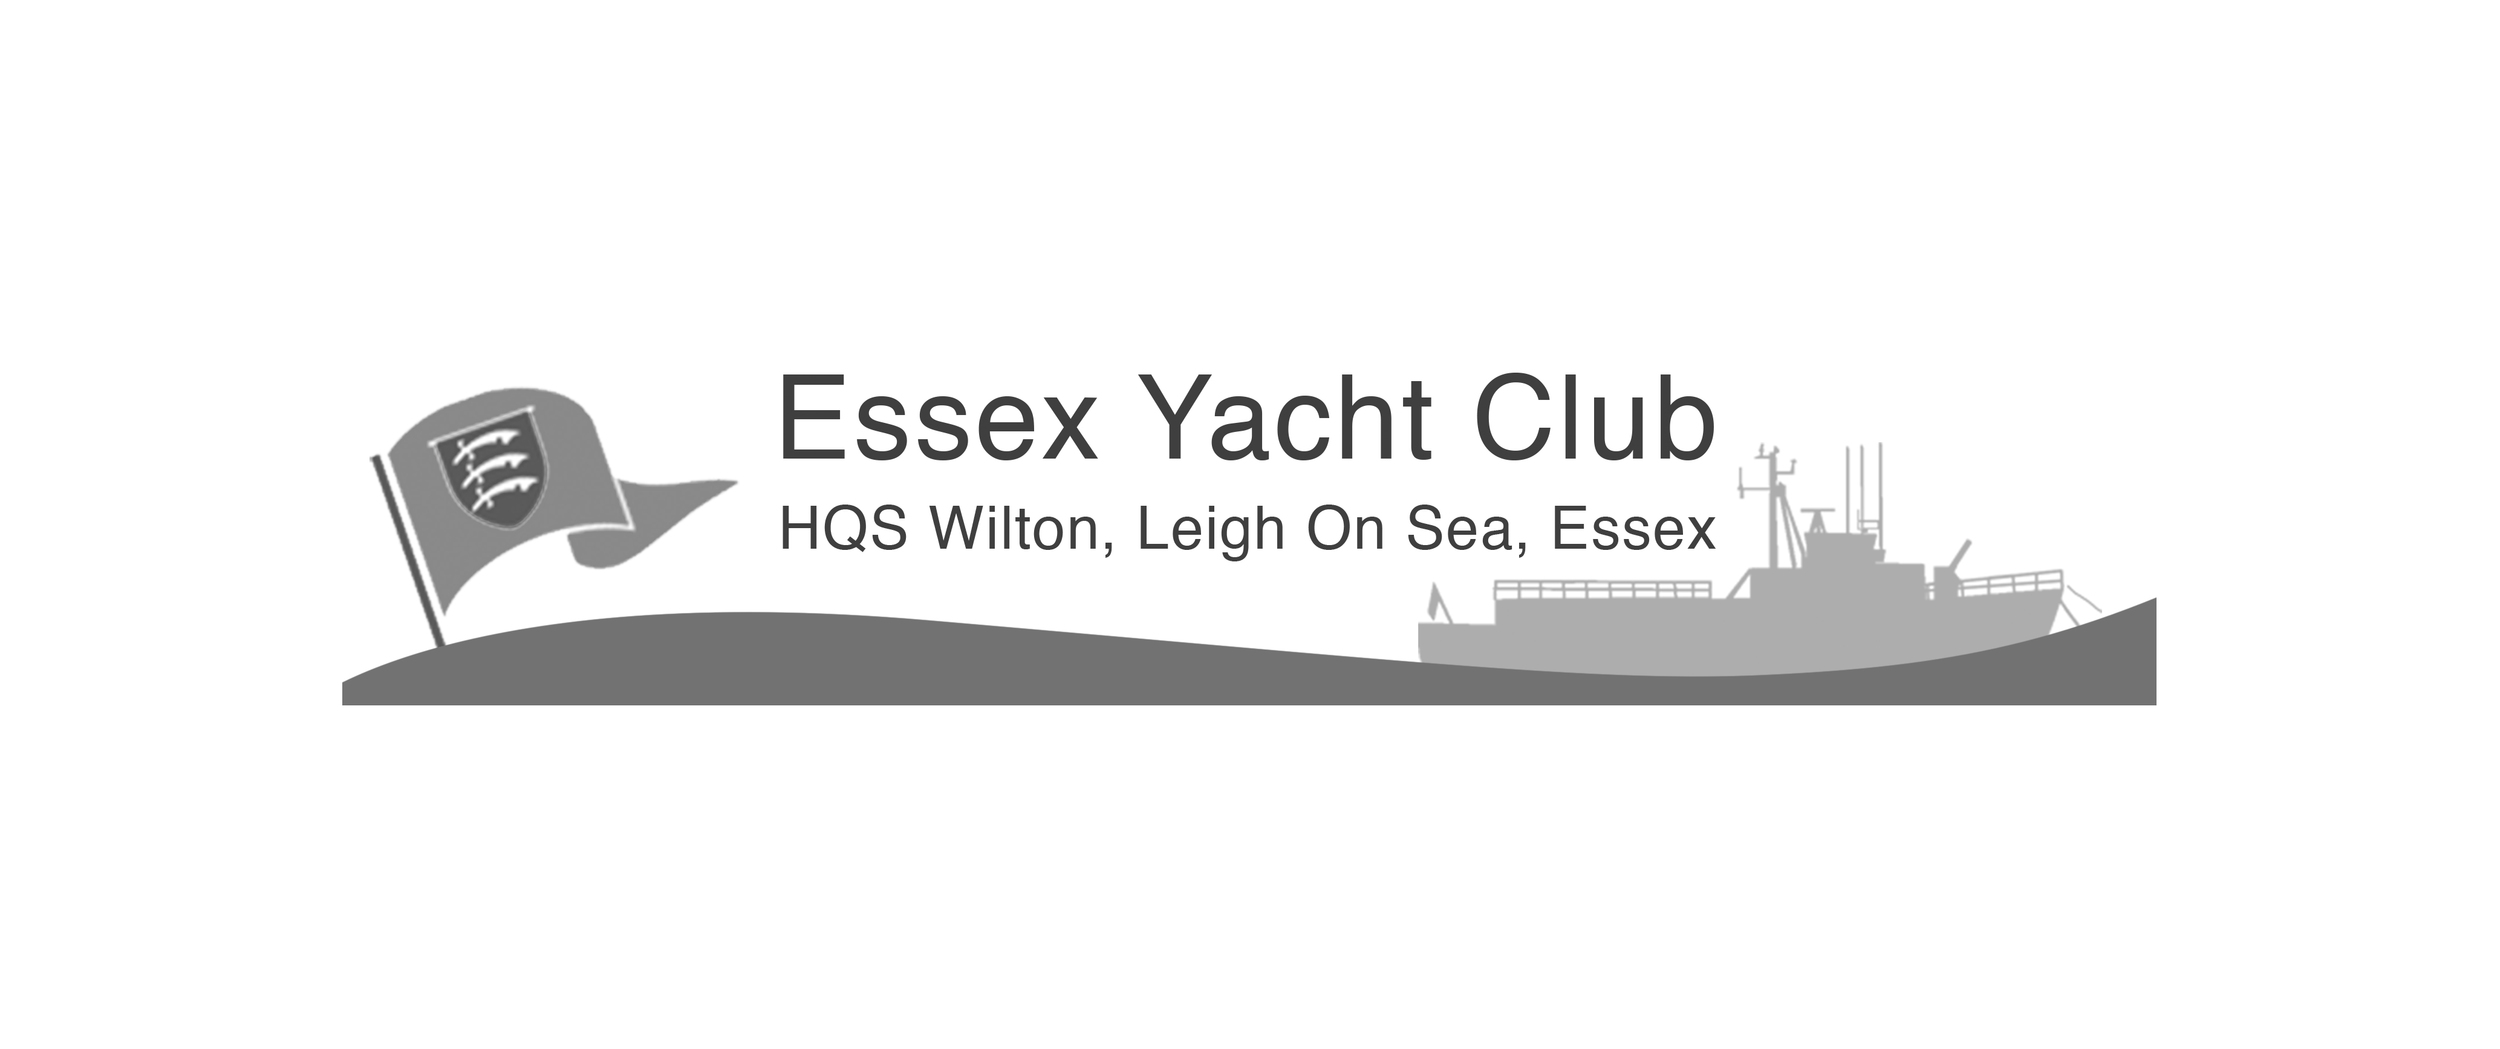 Essex Yacht Club BW copy.jpg